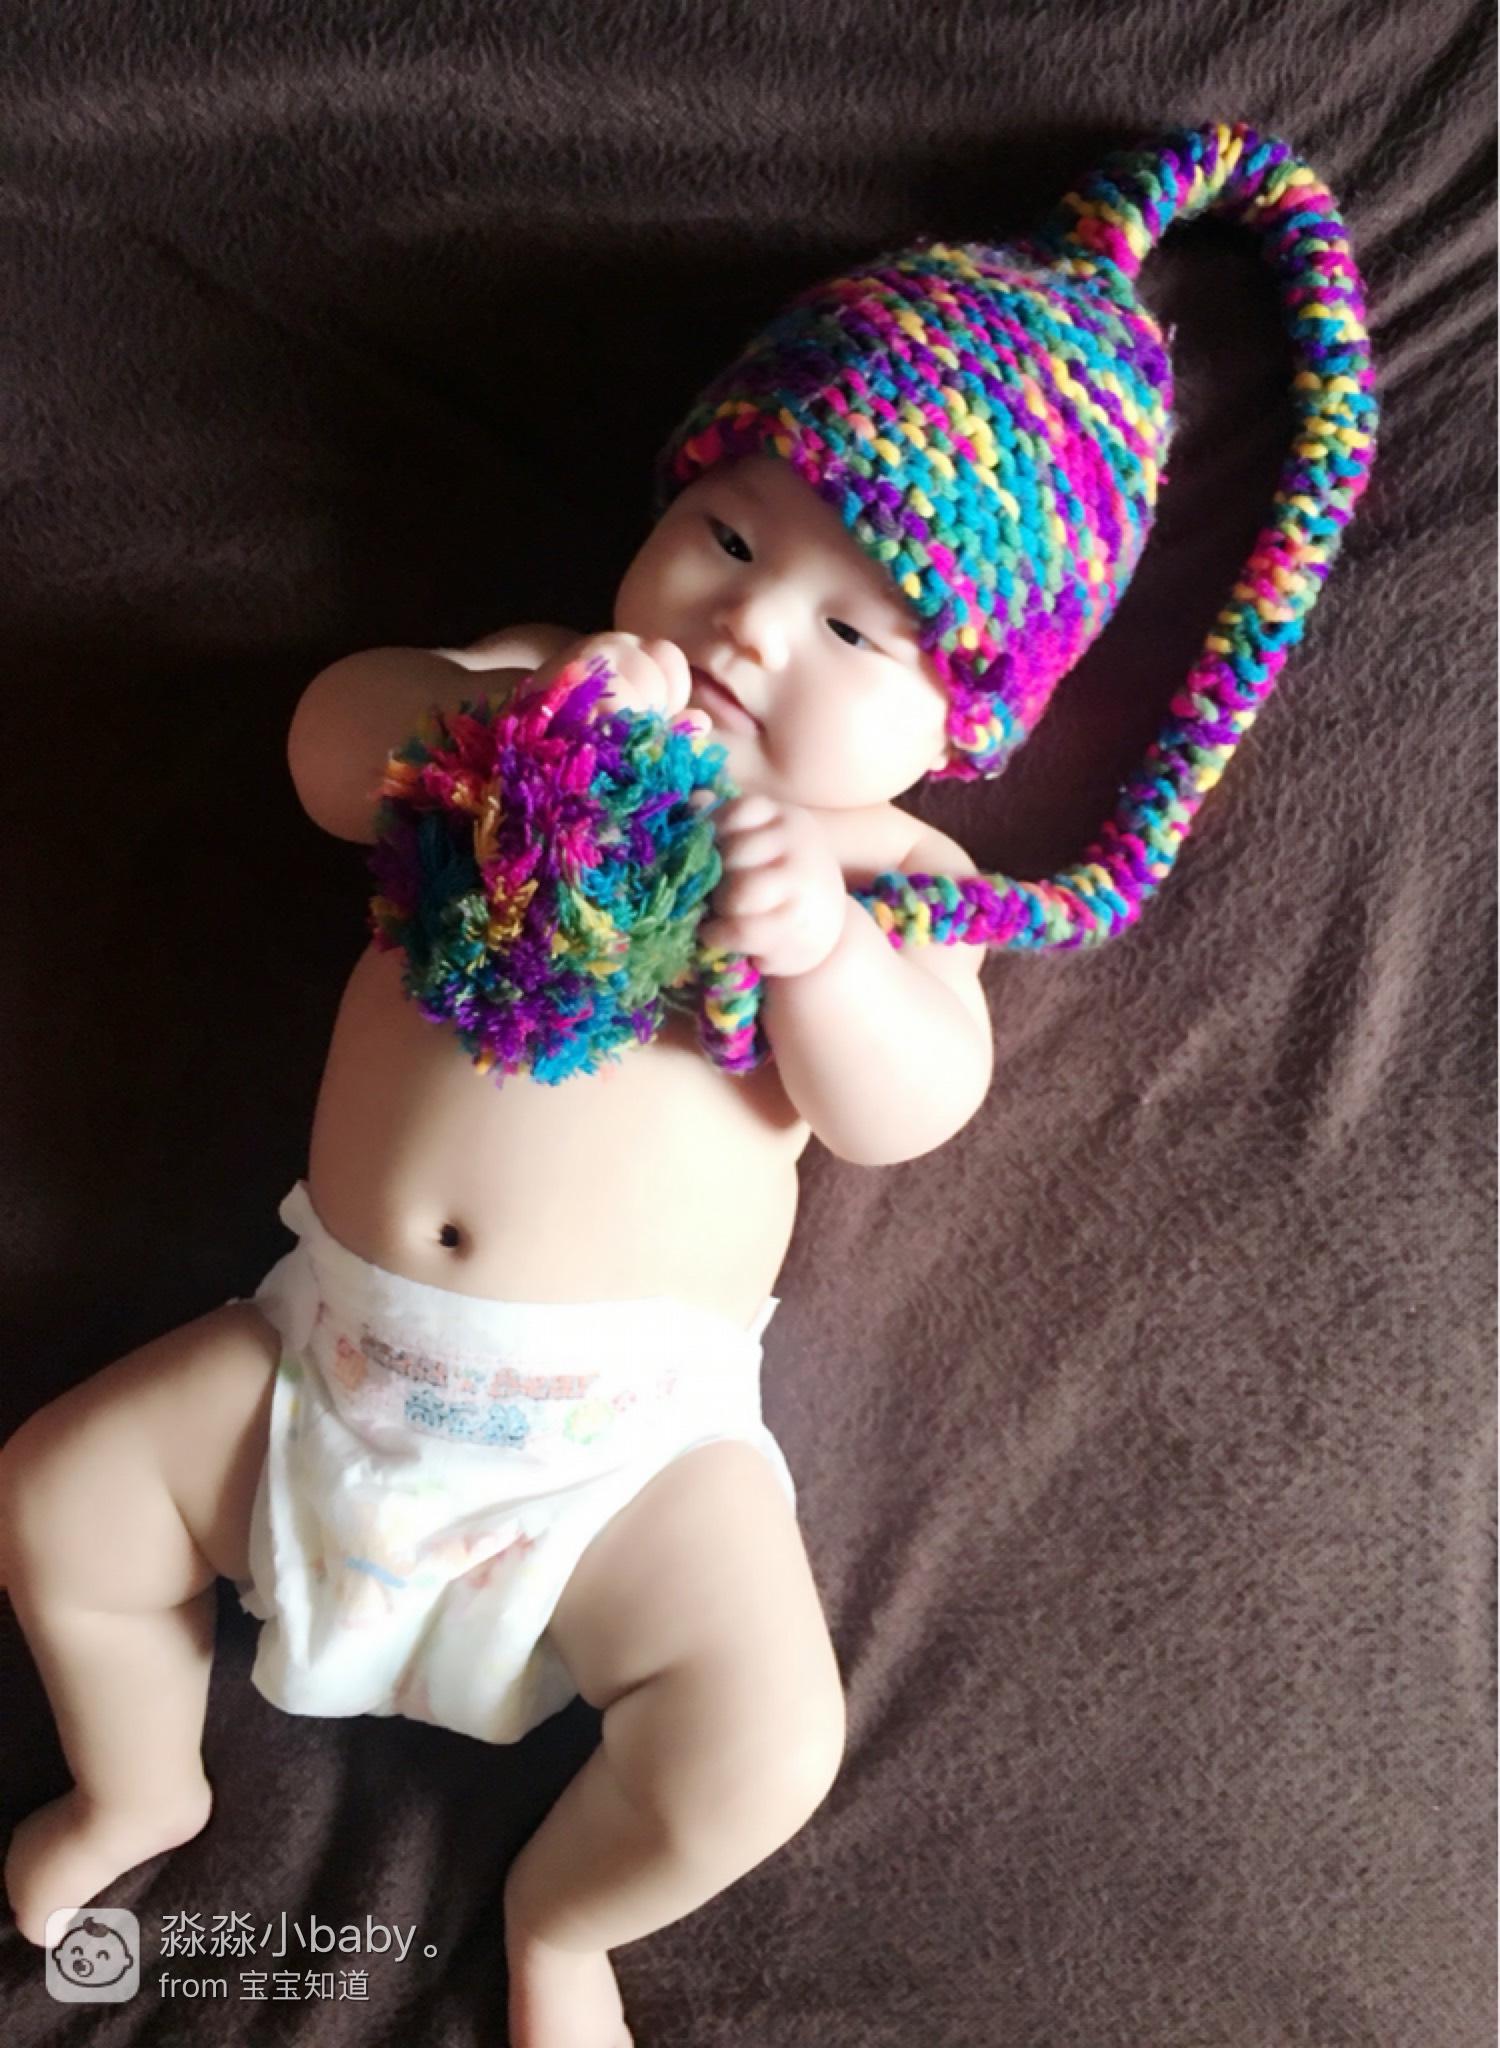 自拍宝宝照,好玩 意义=成就图片